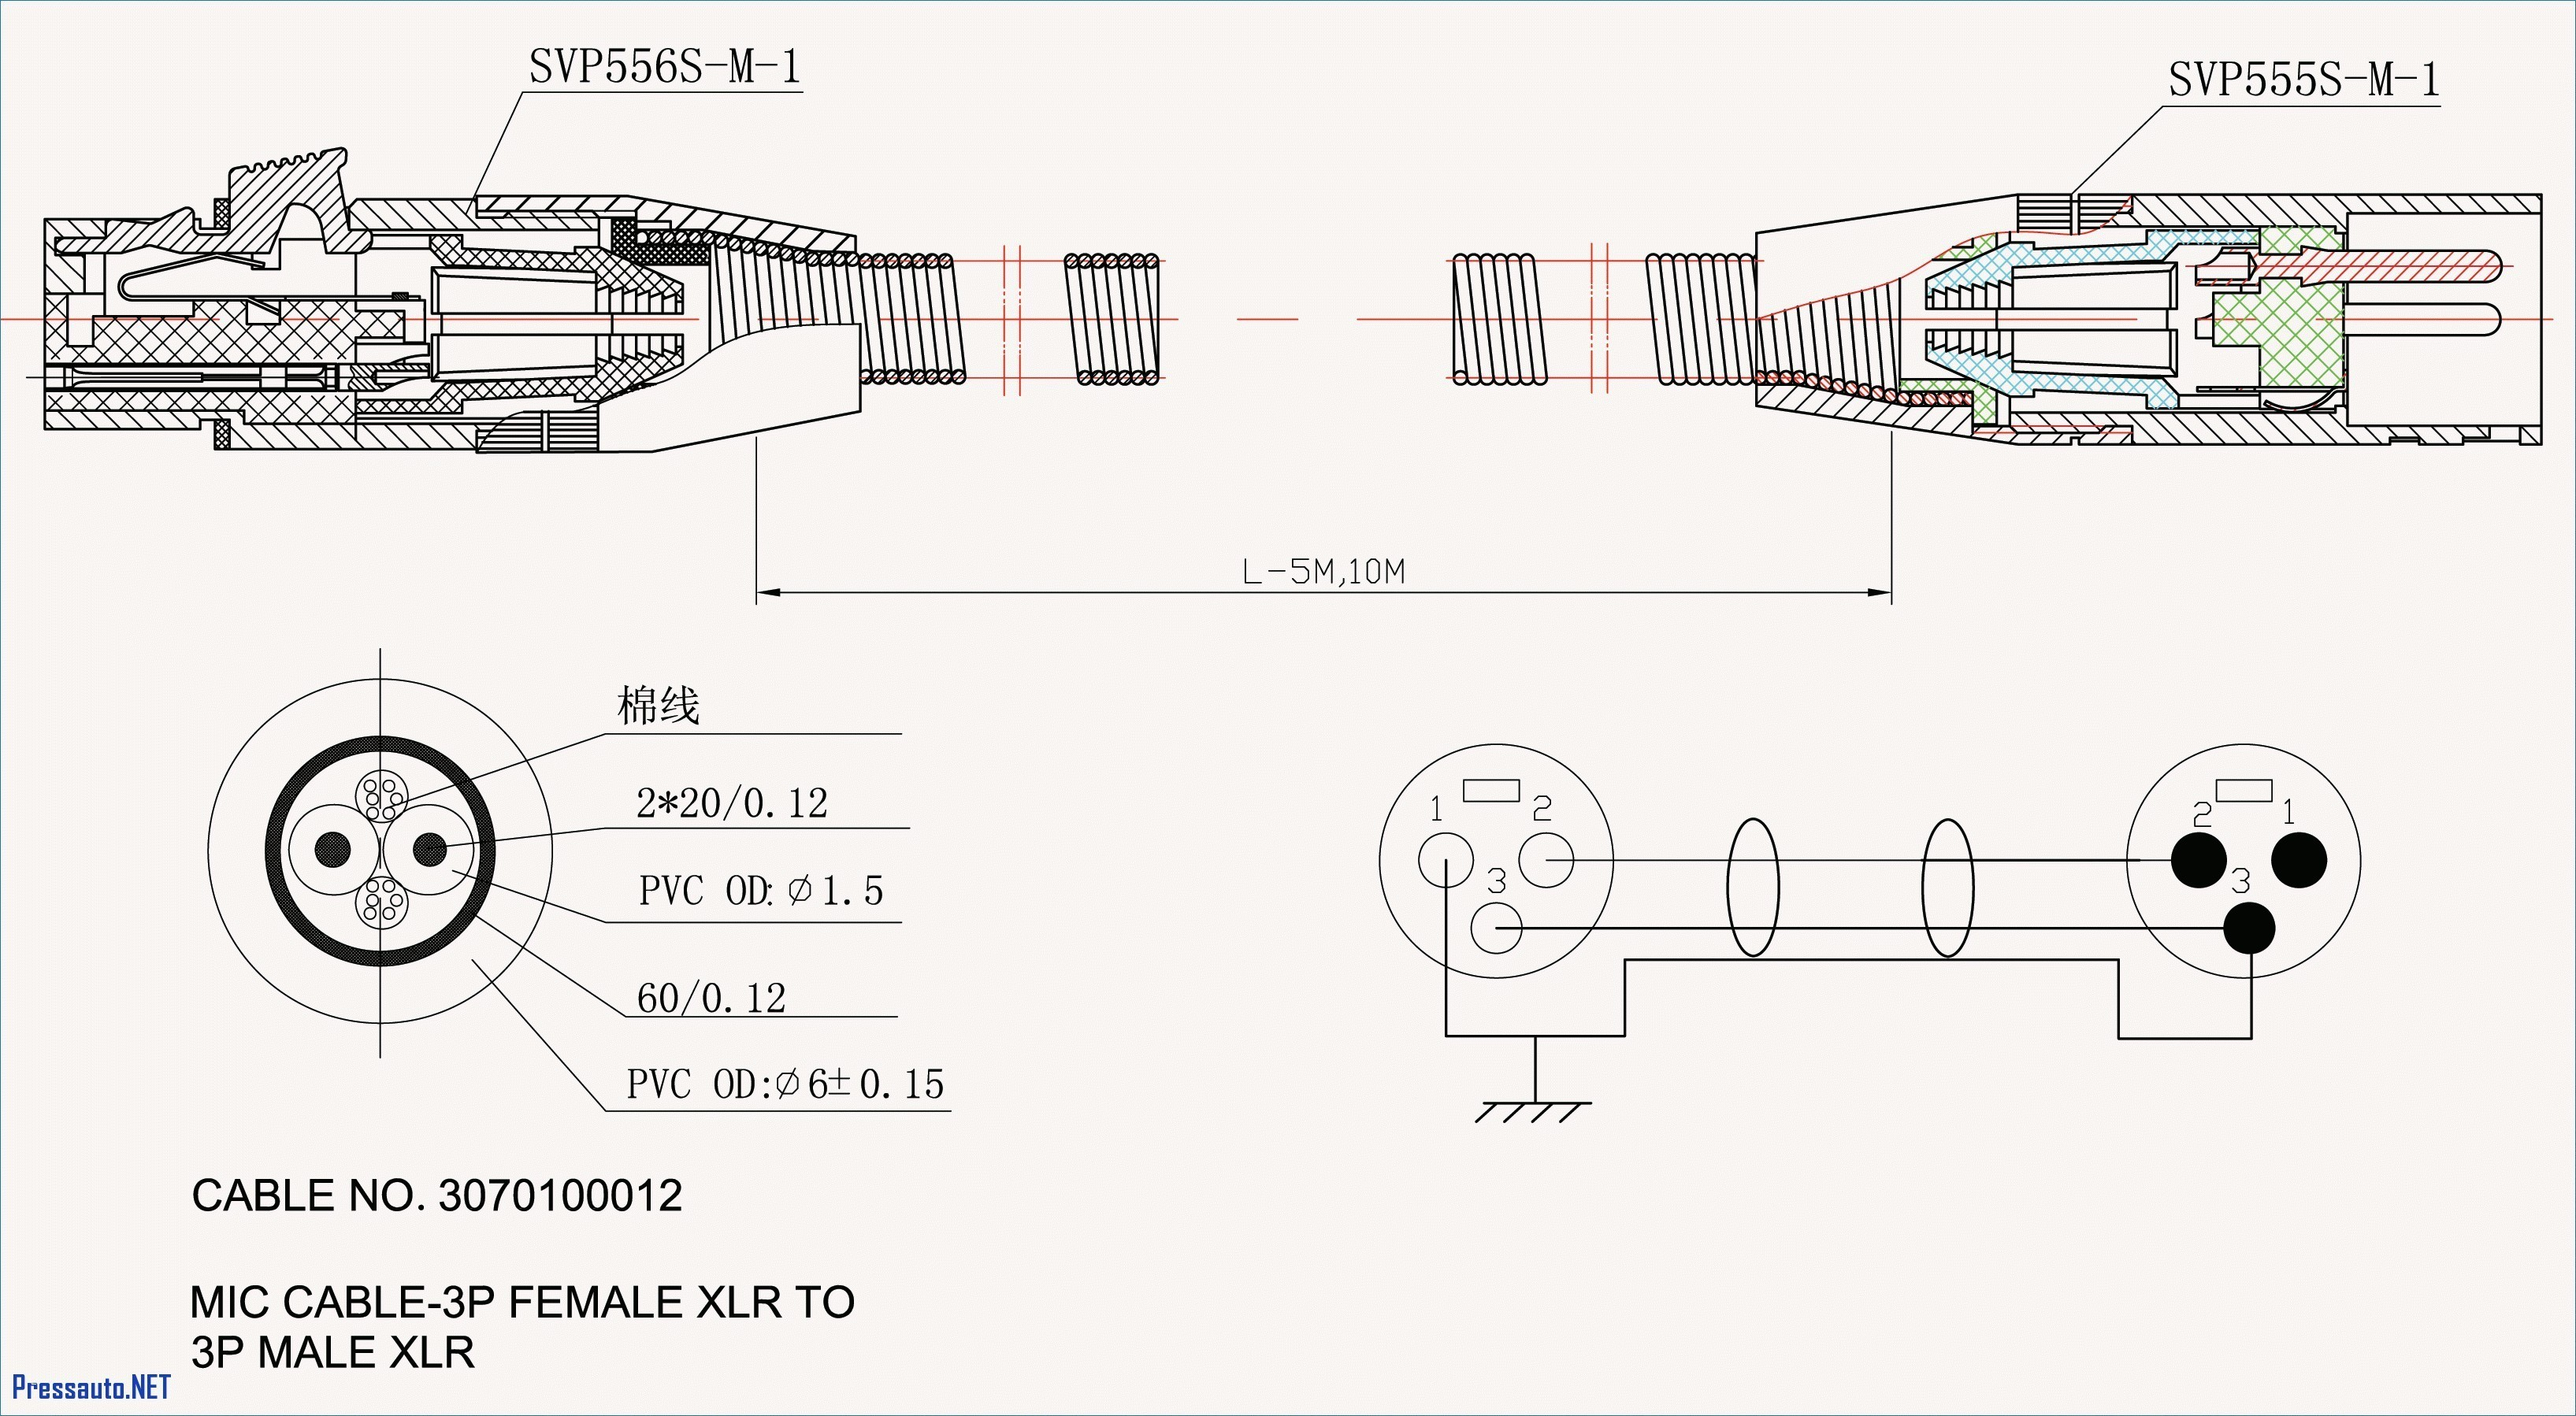 Wire Diagram Program Best 2 Wire Alternator Wiring Diagram Simple Alternator Wiring Diagram